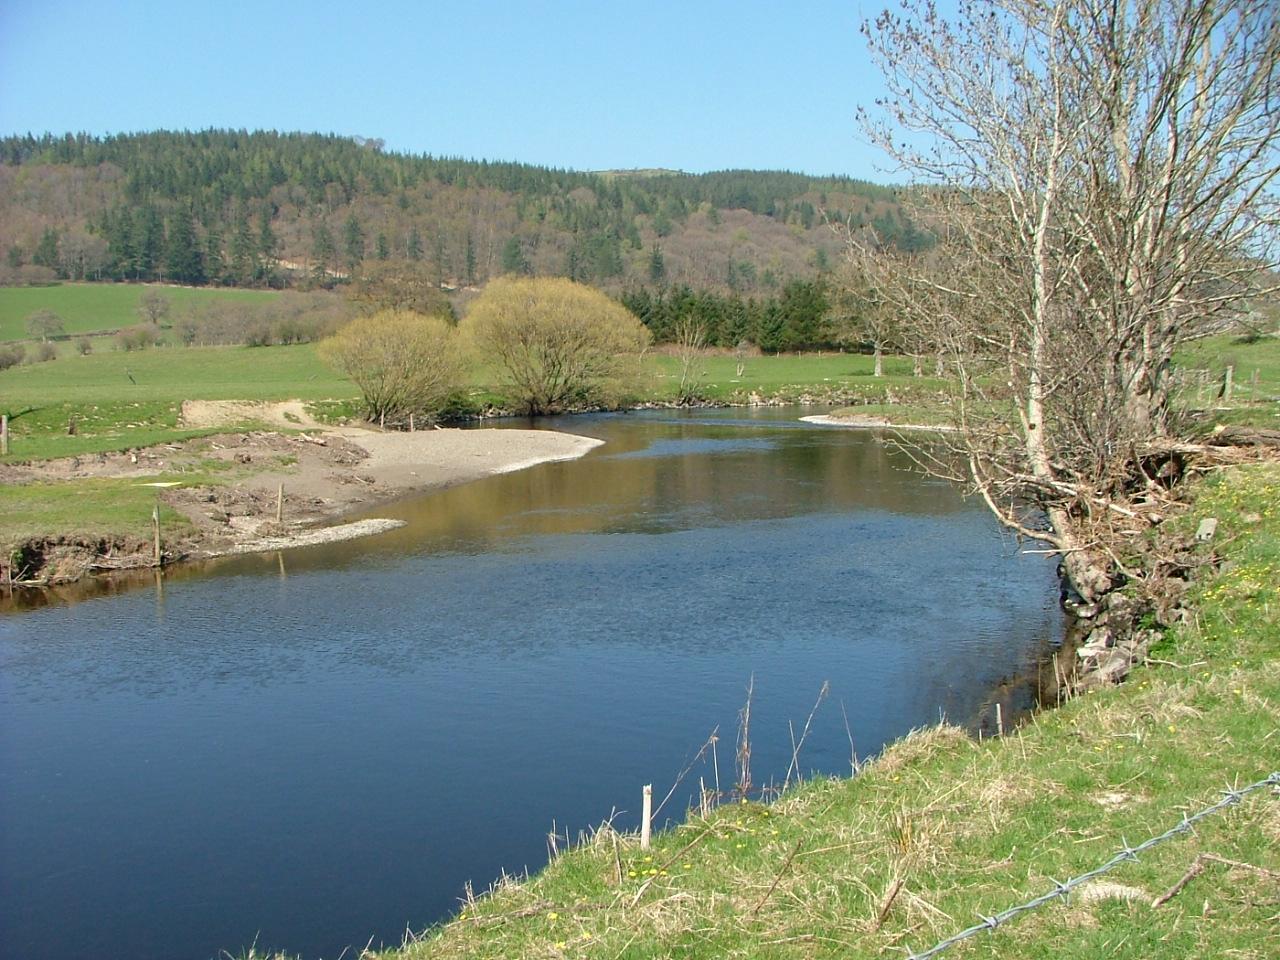 River Dee in Wales